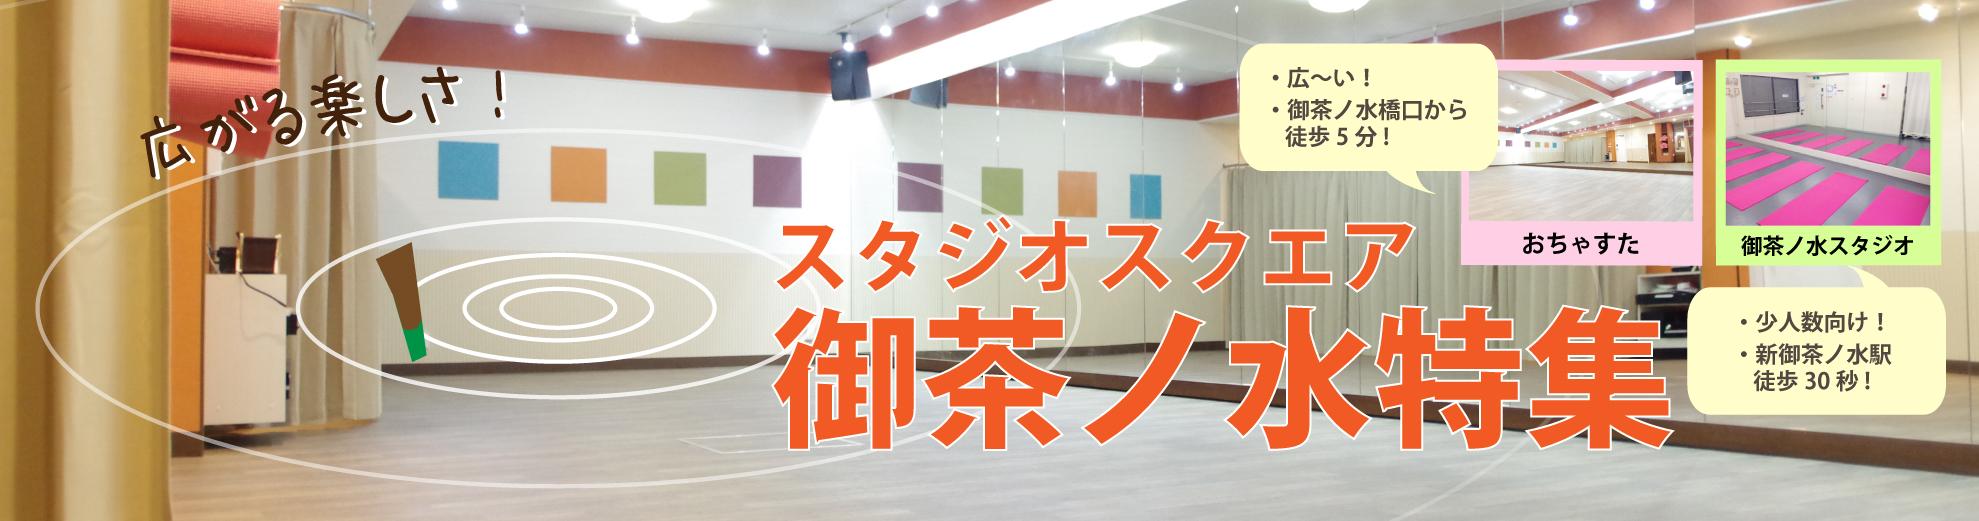 御茶ノ水 レンタルスタジオ